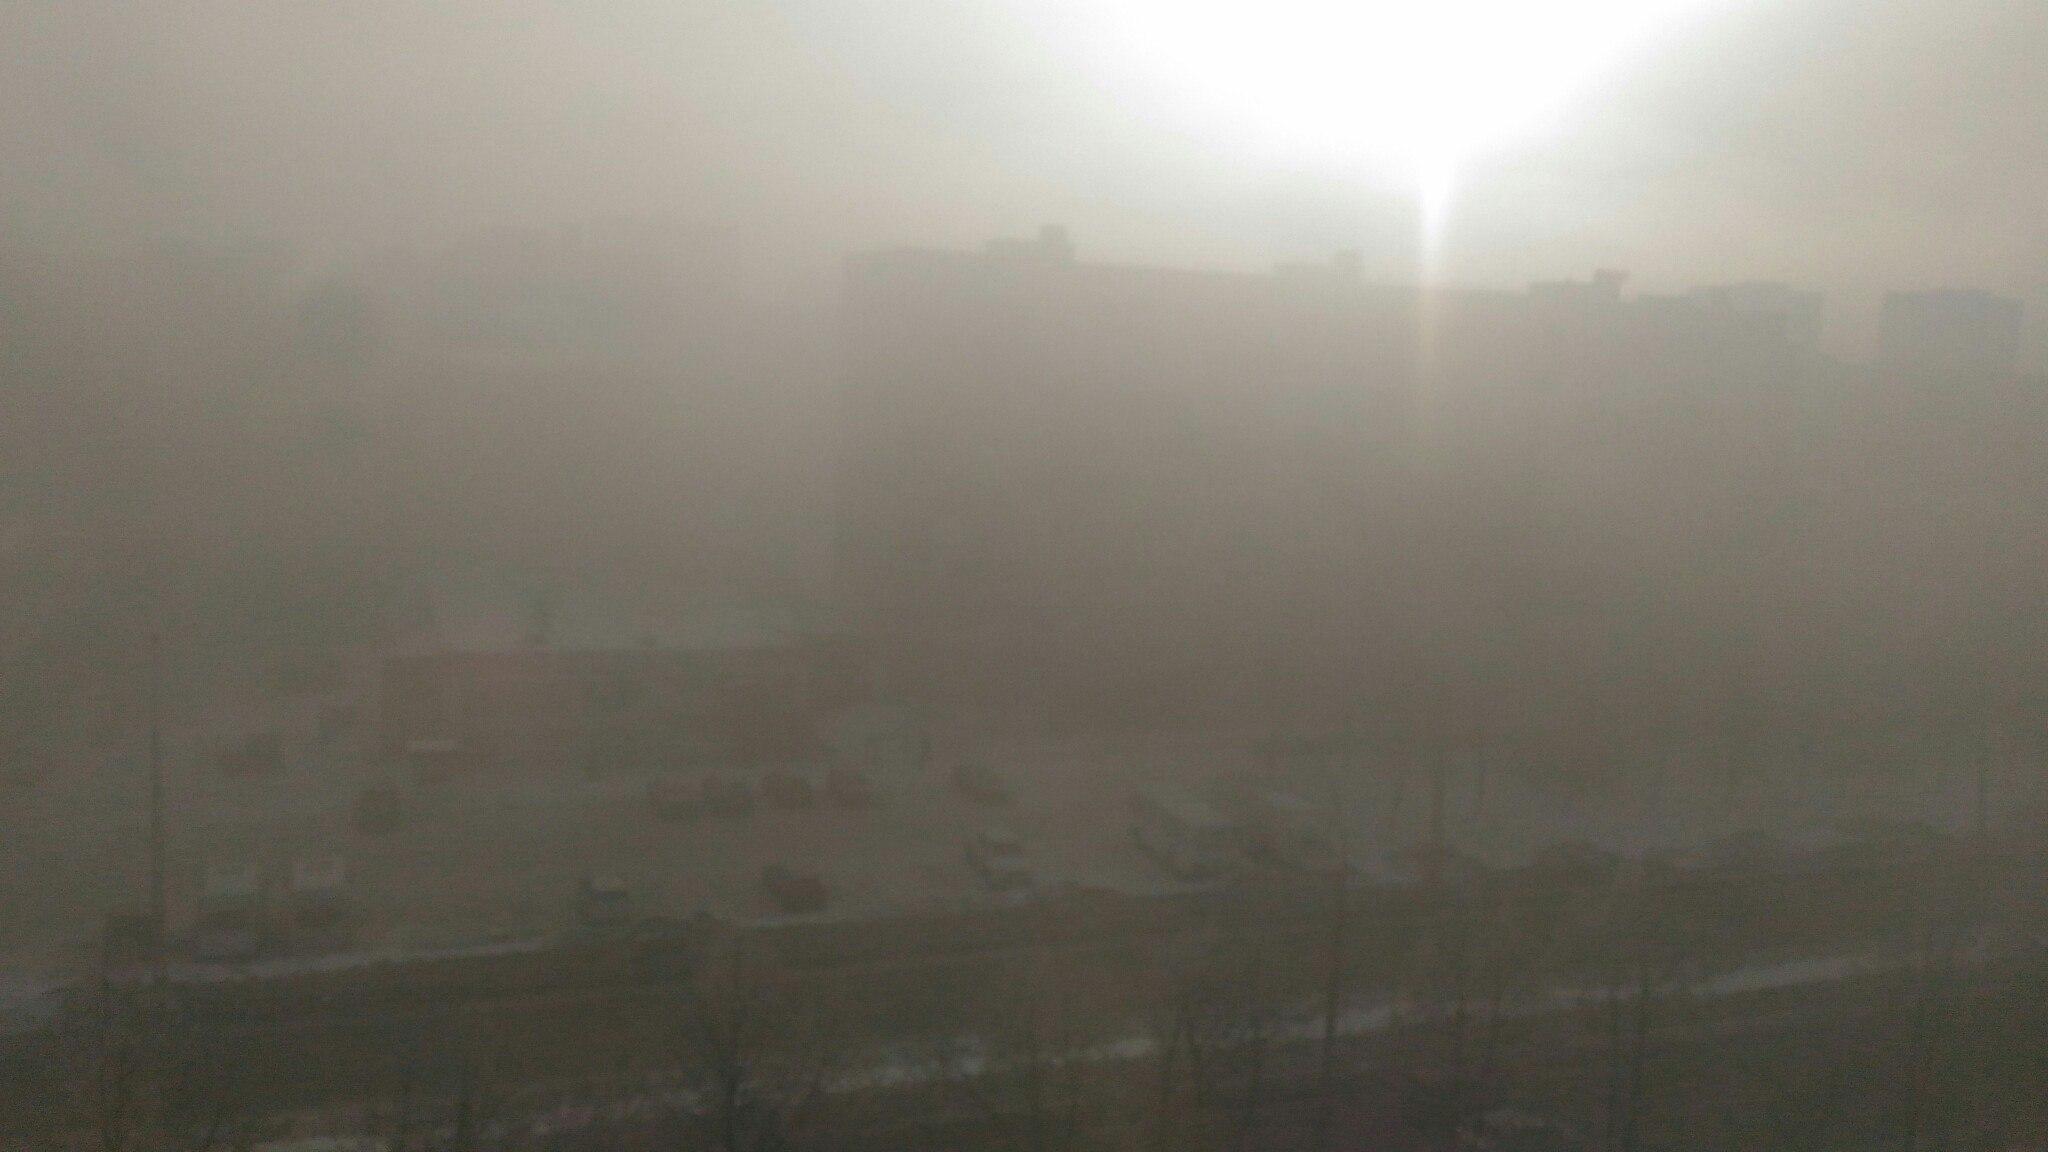 Метеоусловия 23 сентября будут благоприятными в большинстве городов Казахстана , прогноз, Погода, Казгидромет, Метеоусловия